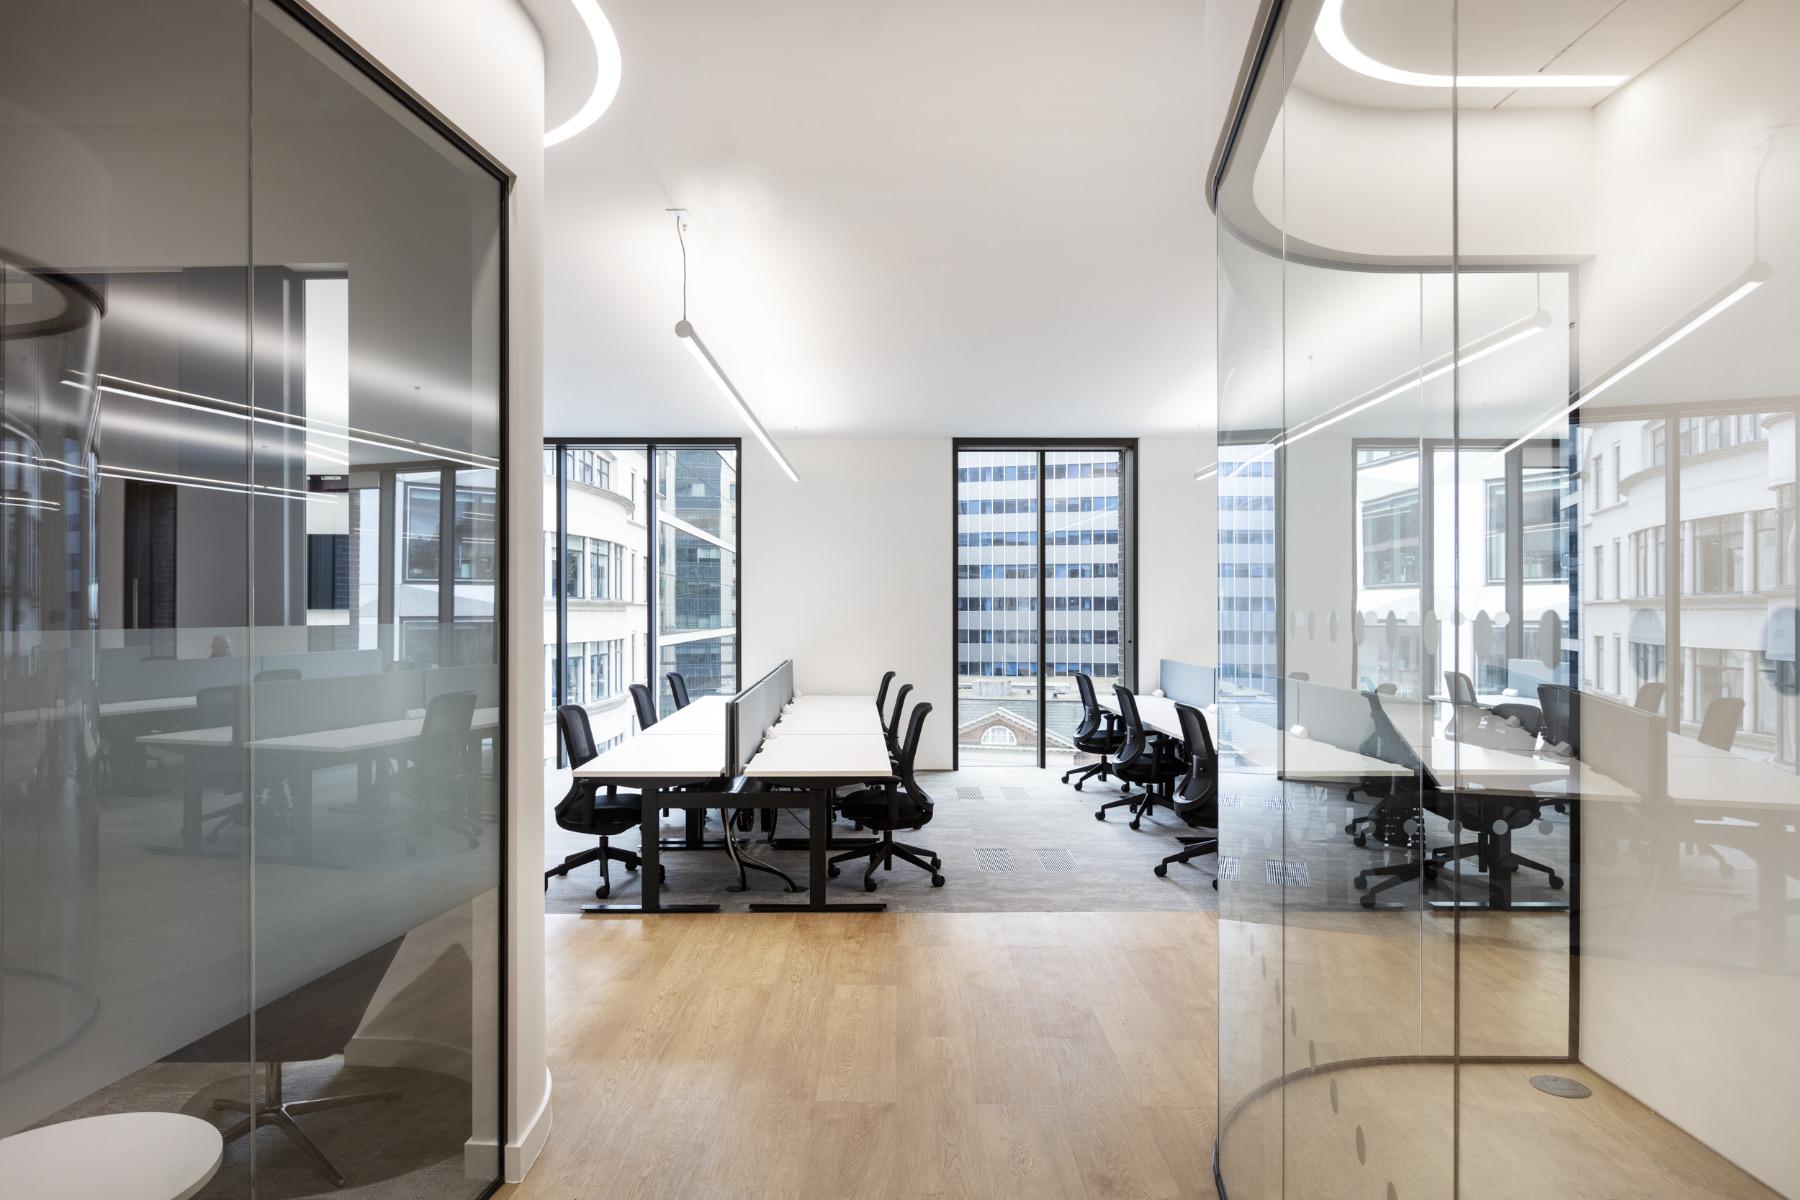 ais-office-london-5